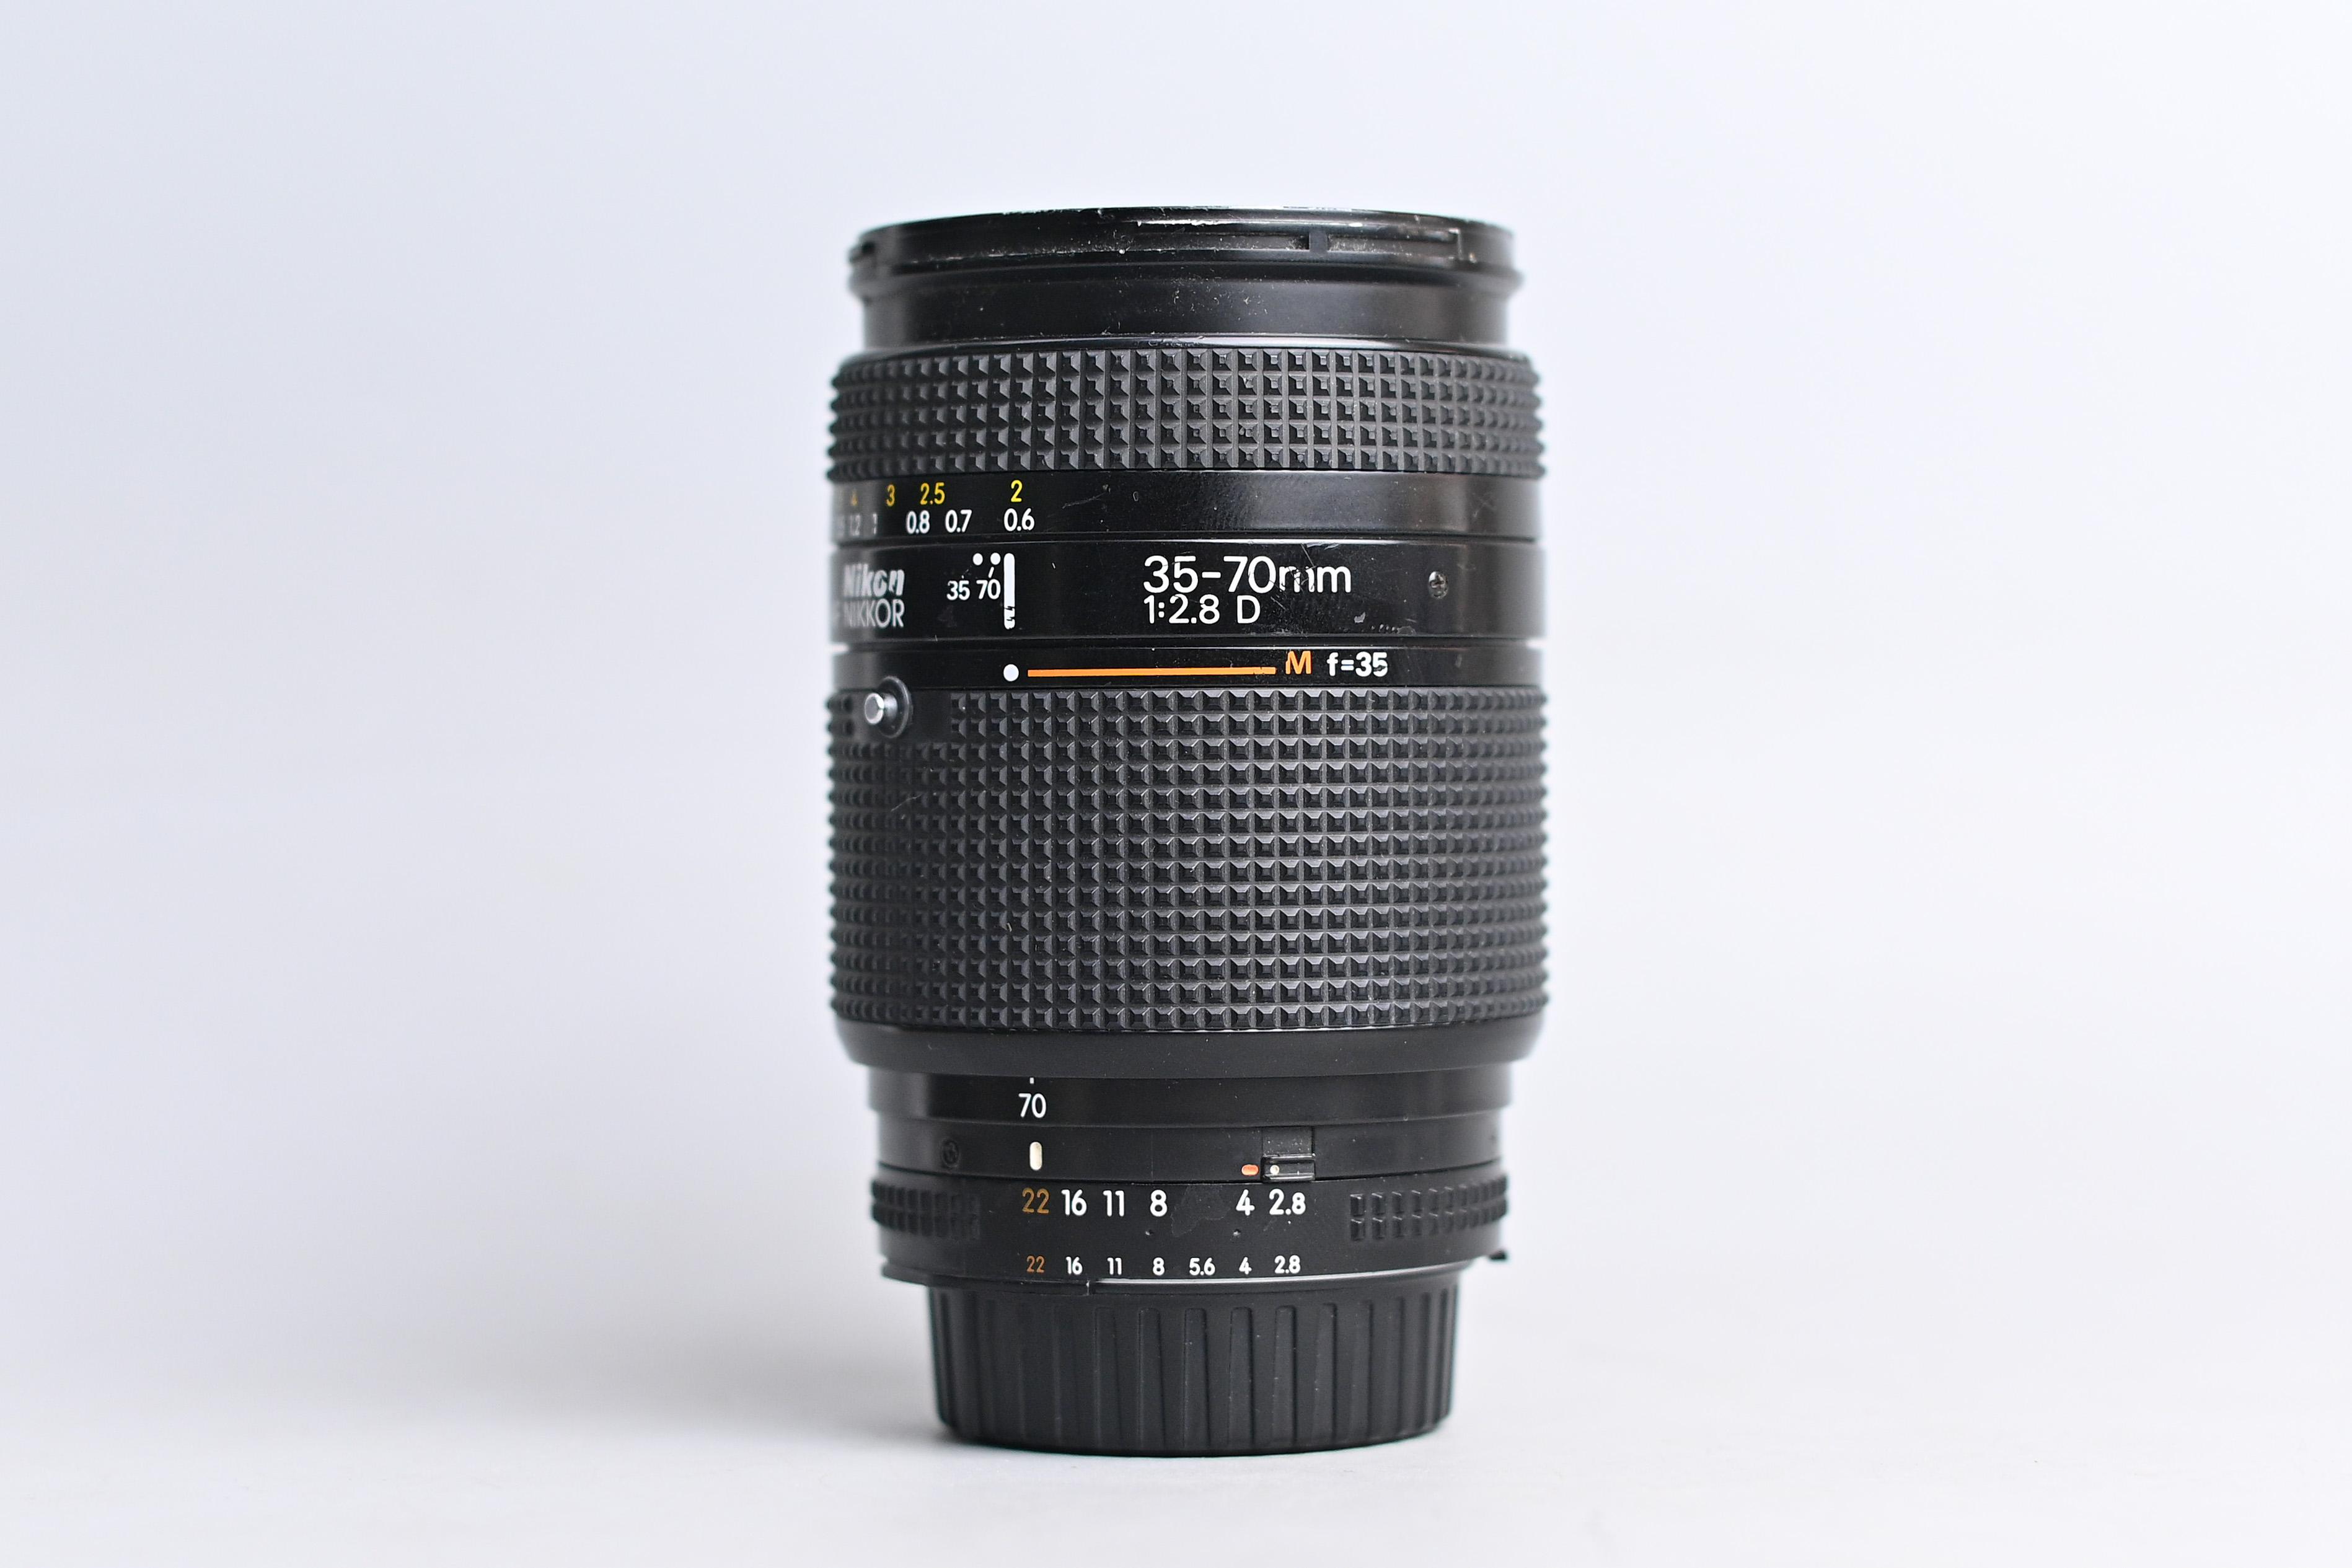 nikon-af-35-70mm-f2-8d-35-70-2-8-hkg-sale-off